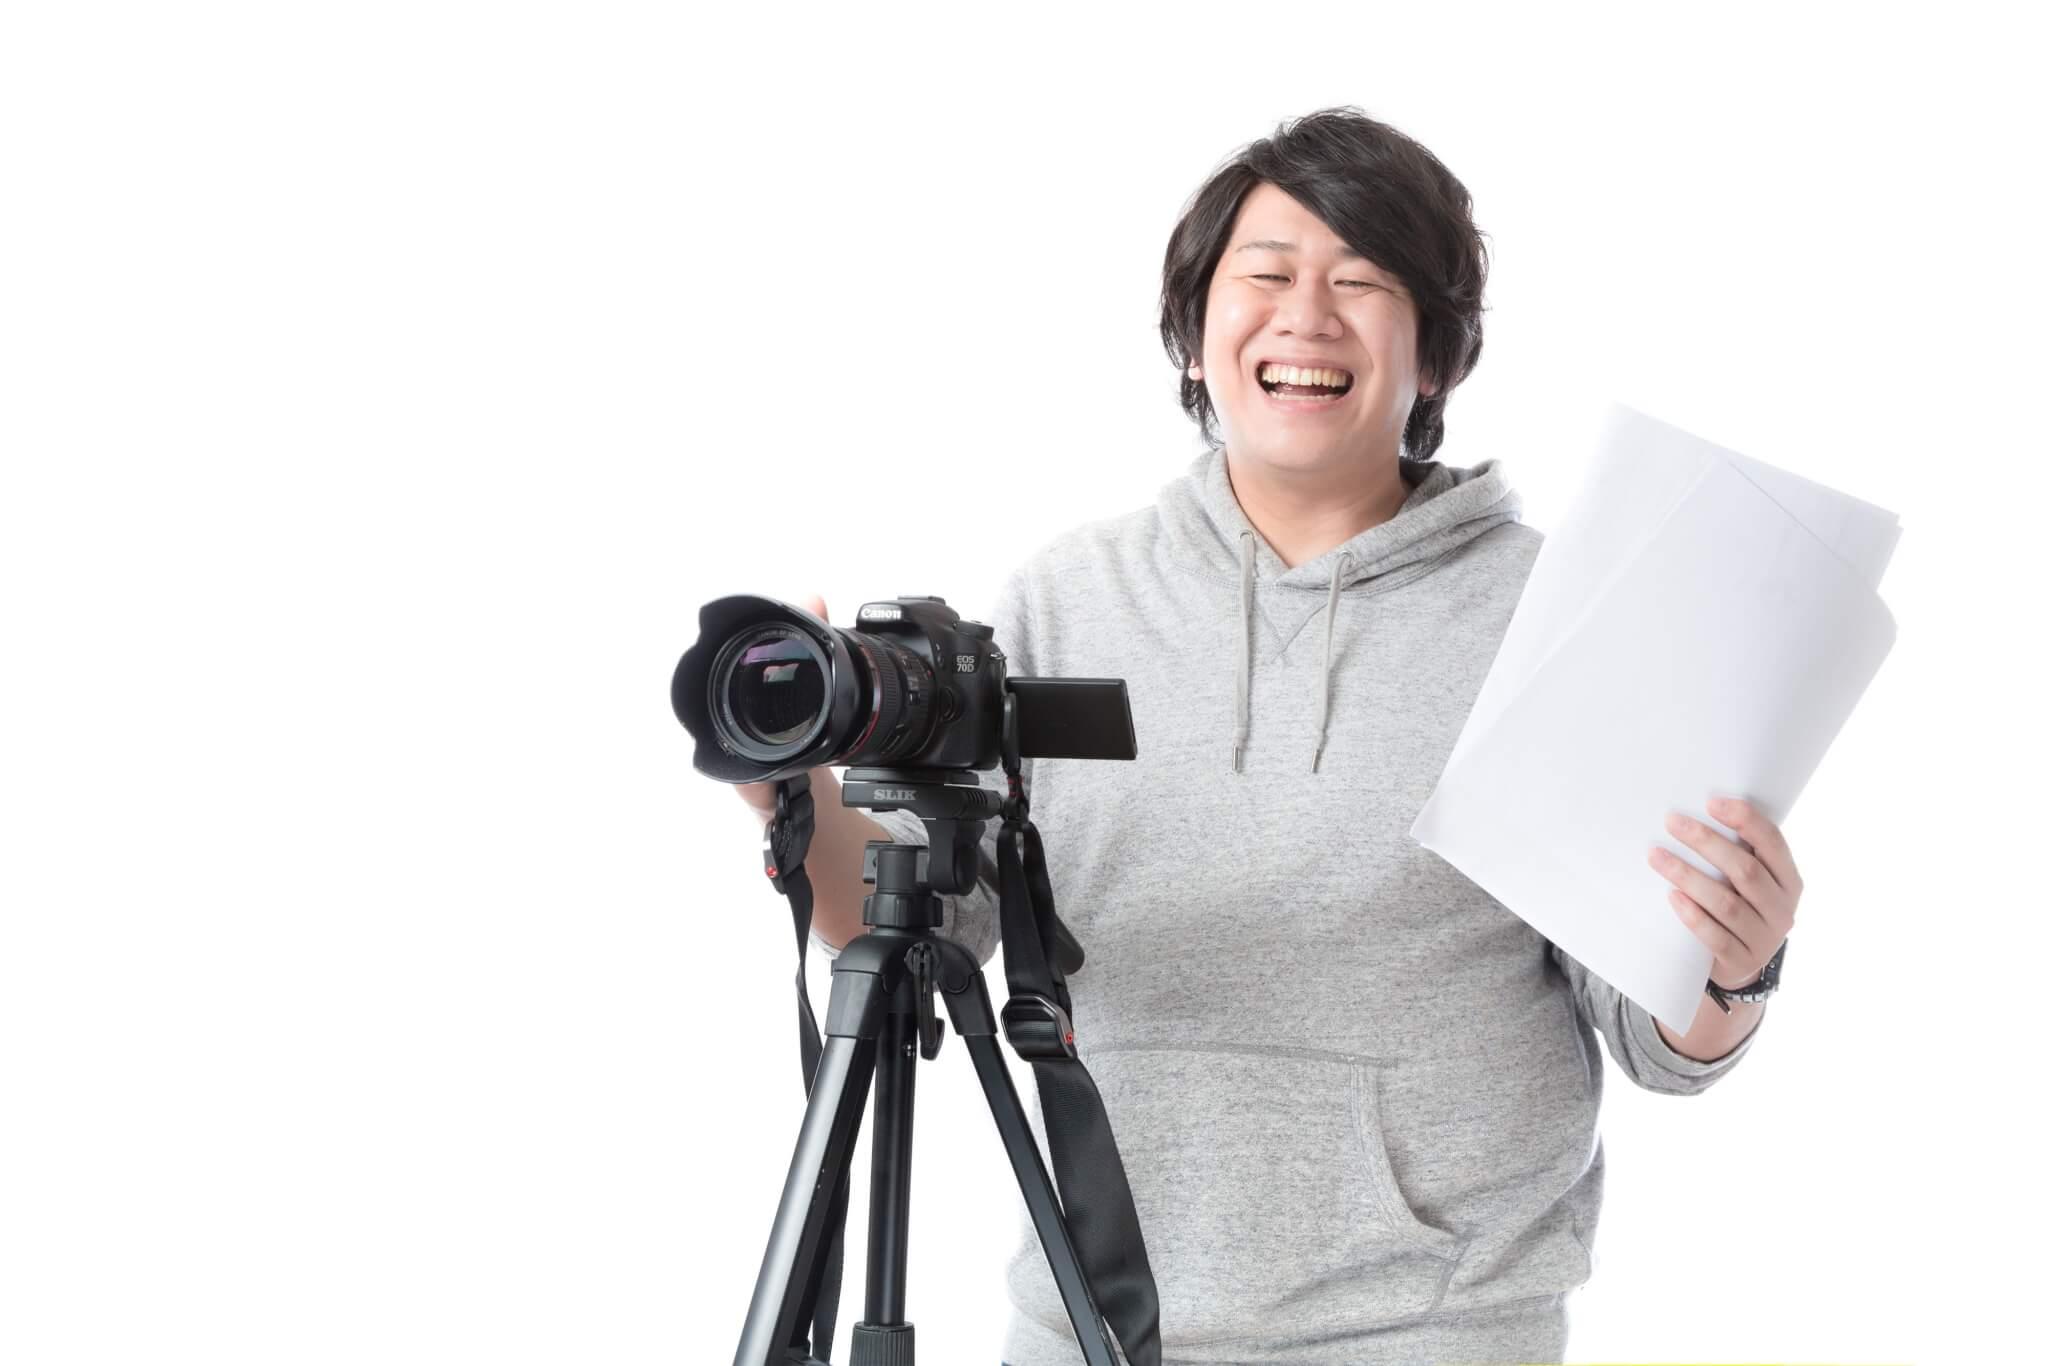 映像制作に最低限必要な機材を徹底紹介!MVやショートフィルムをレンタル機材で撮る際の費用は?